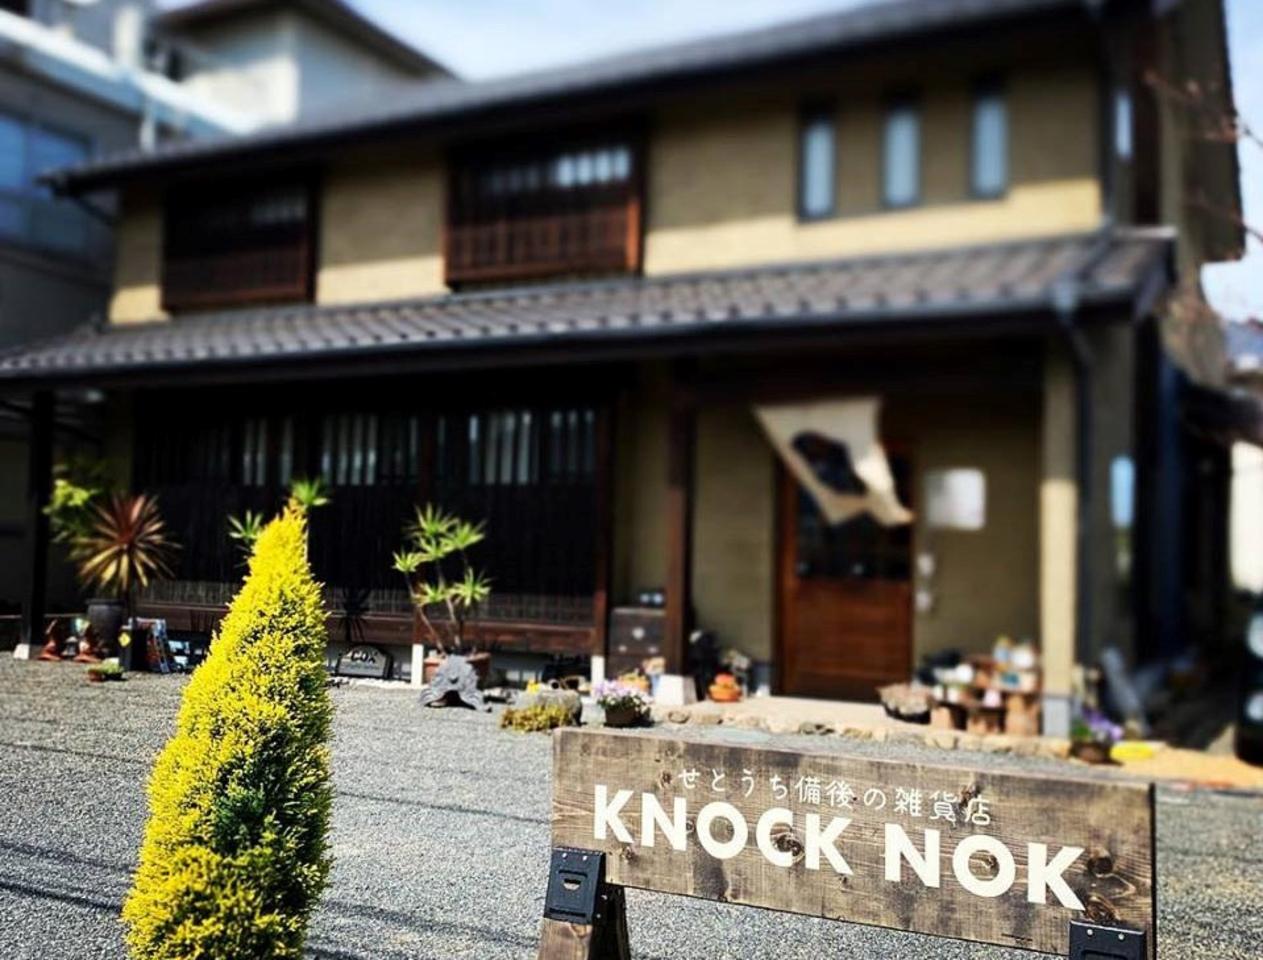 【 KNOCK NOK 】せとうち備後の雑貨店(広島県福山市)